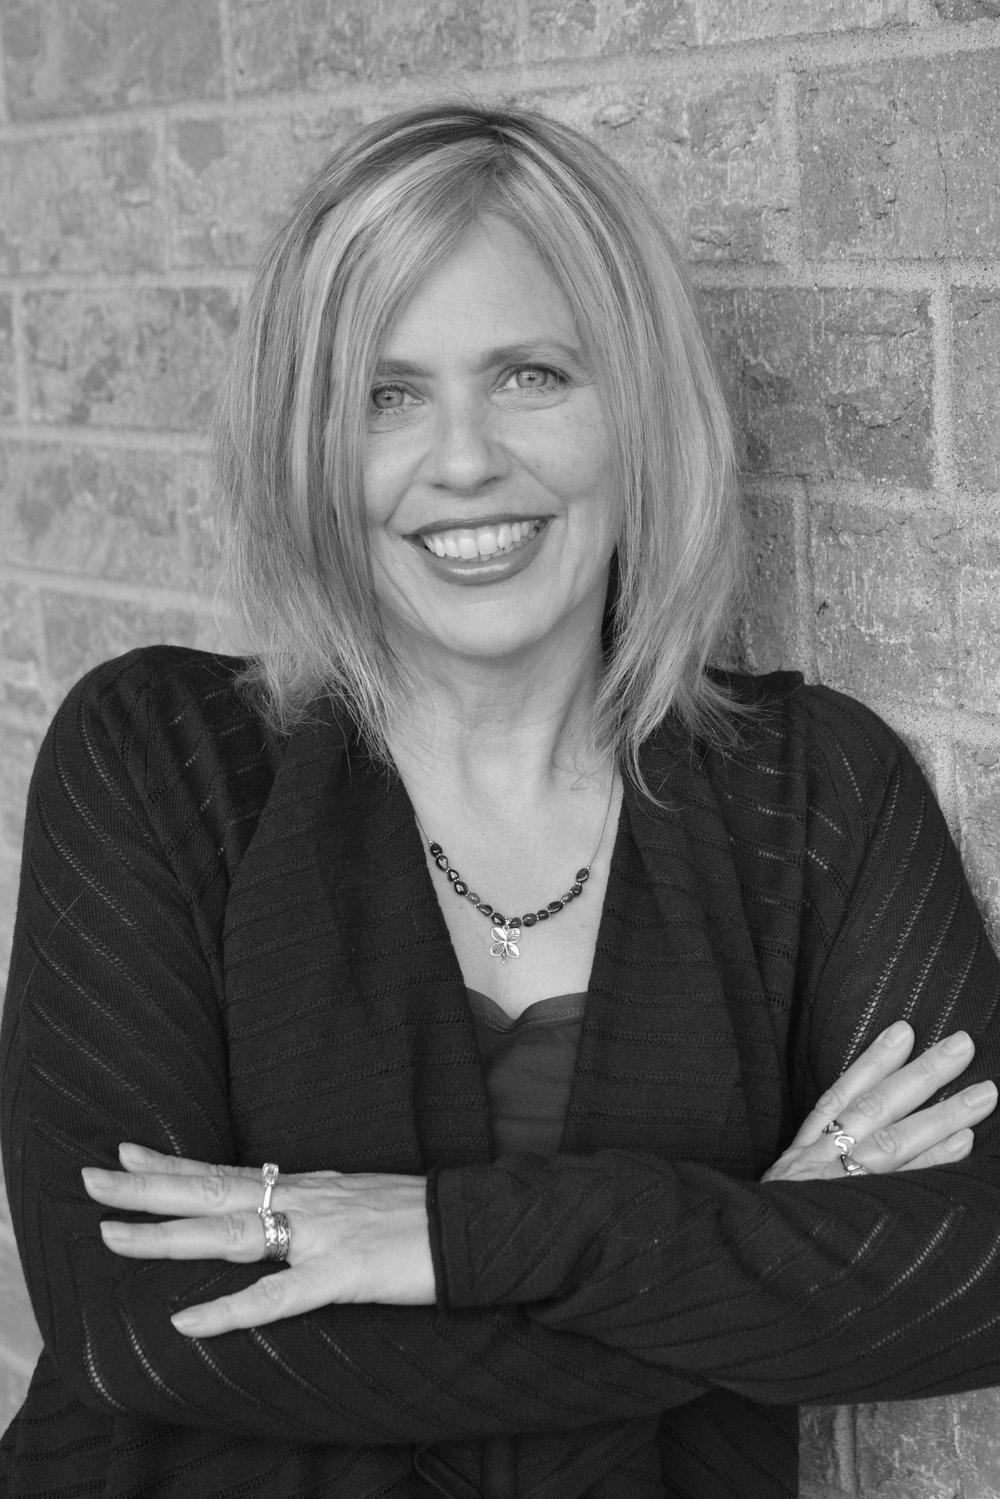 Brenda Lee Nelson, CPC, ELI-MP